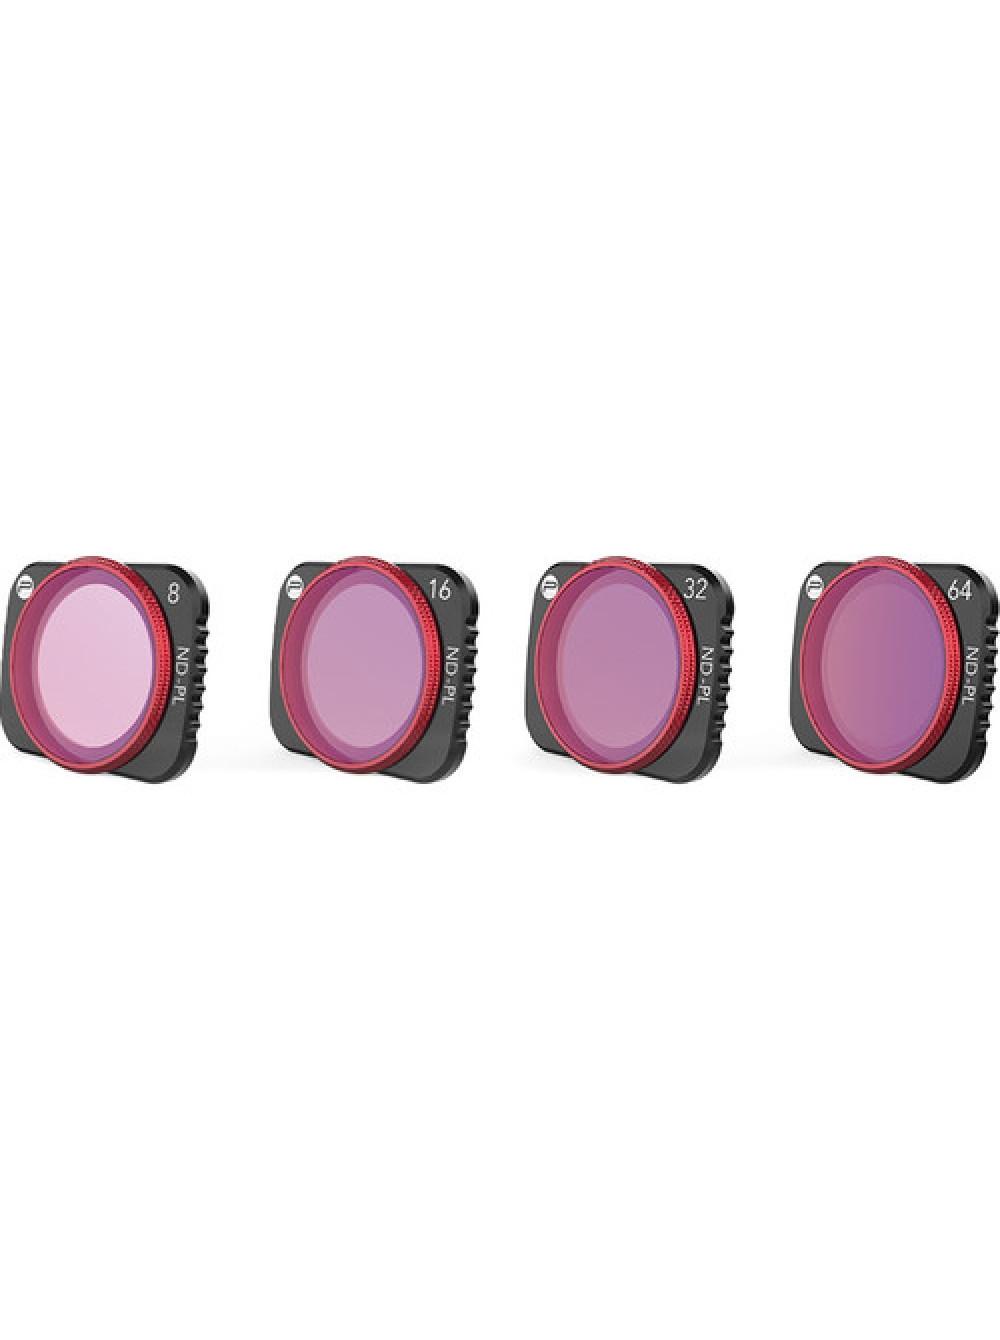 Набор нейтрально-поляризационных фильтров для DJI Mavic Air 2 PGY (P-16A-035)